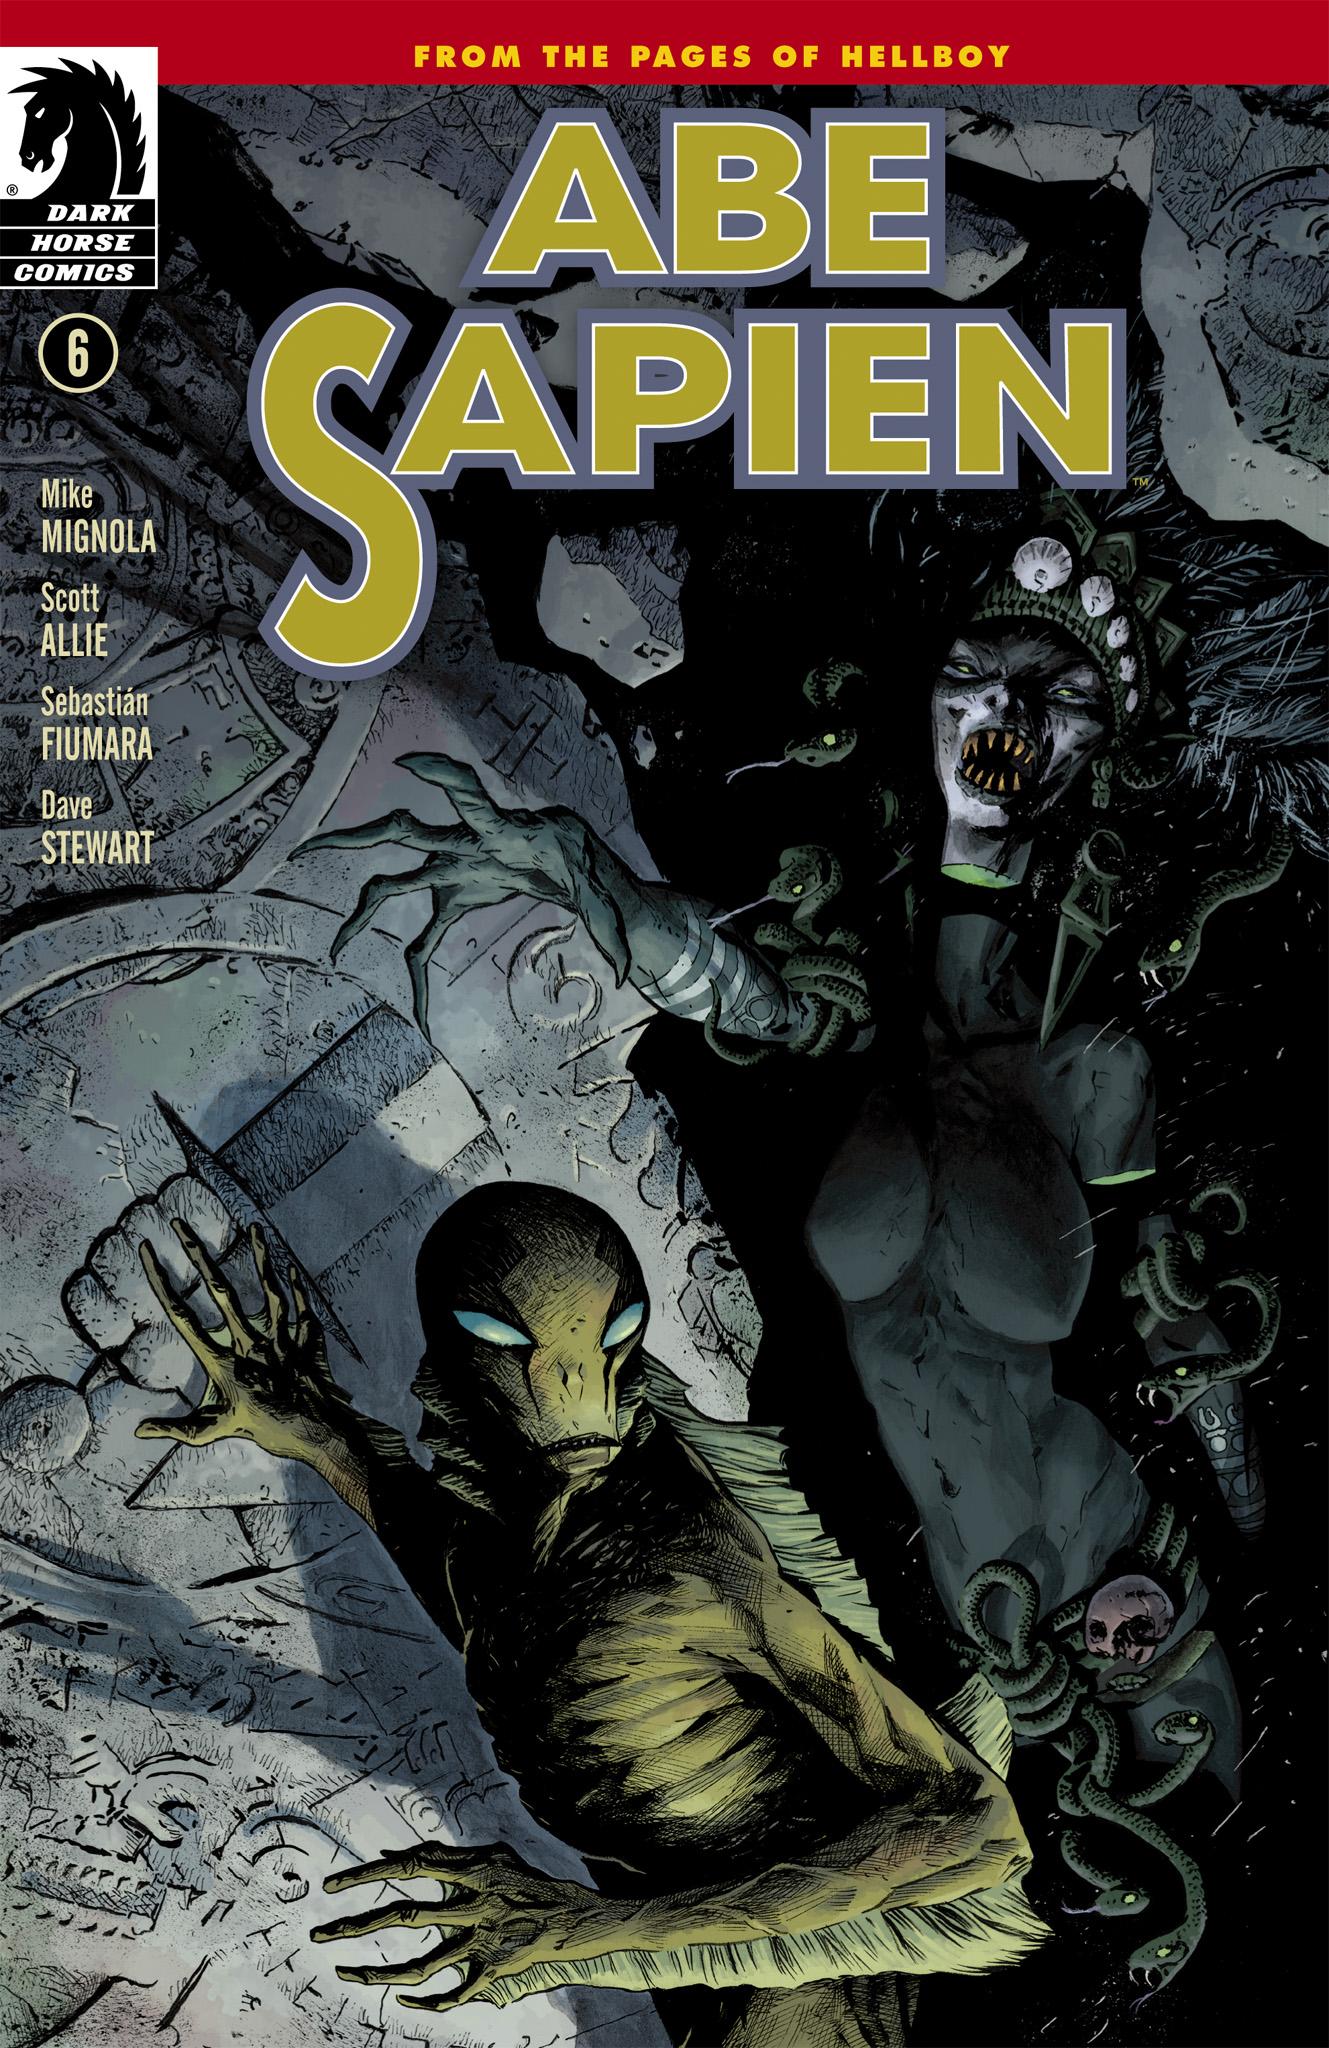 Read online Abe Sapien comic -  Issue #6 - 1